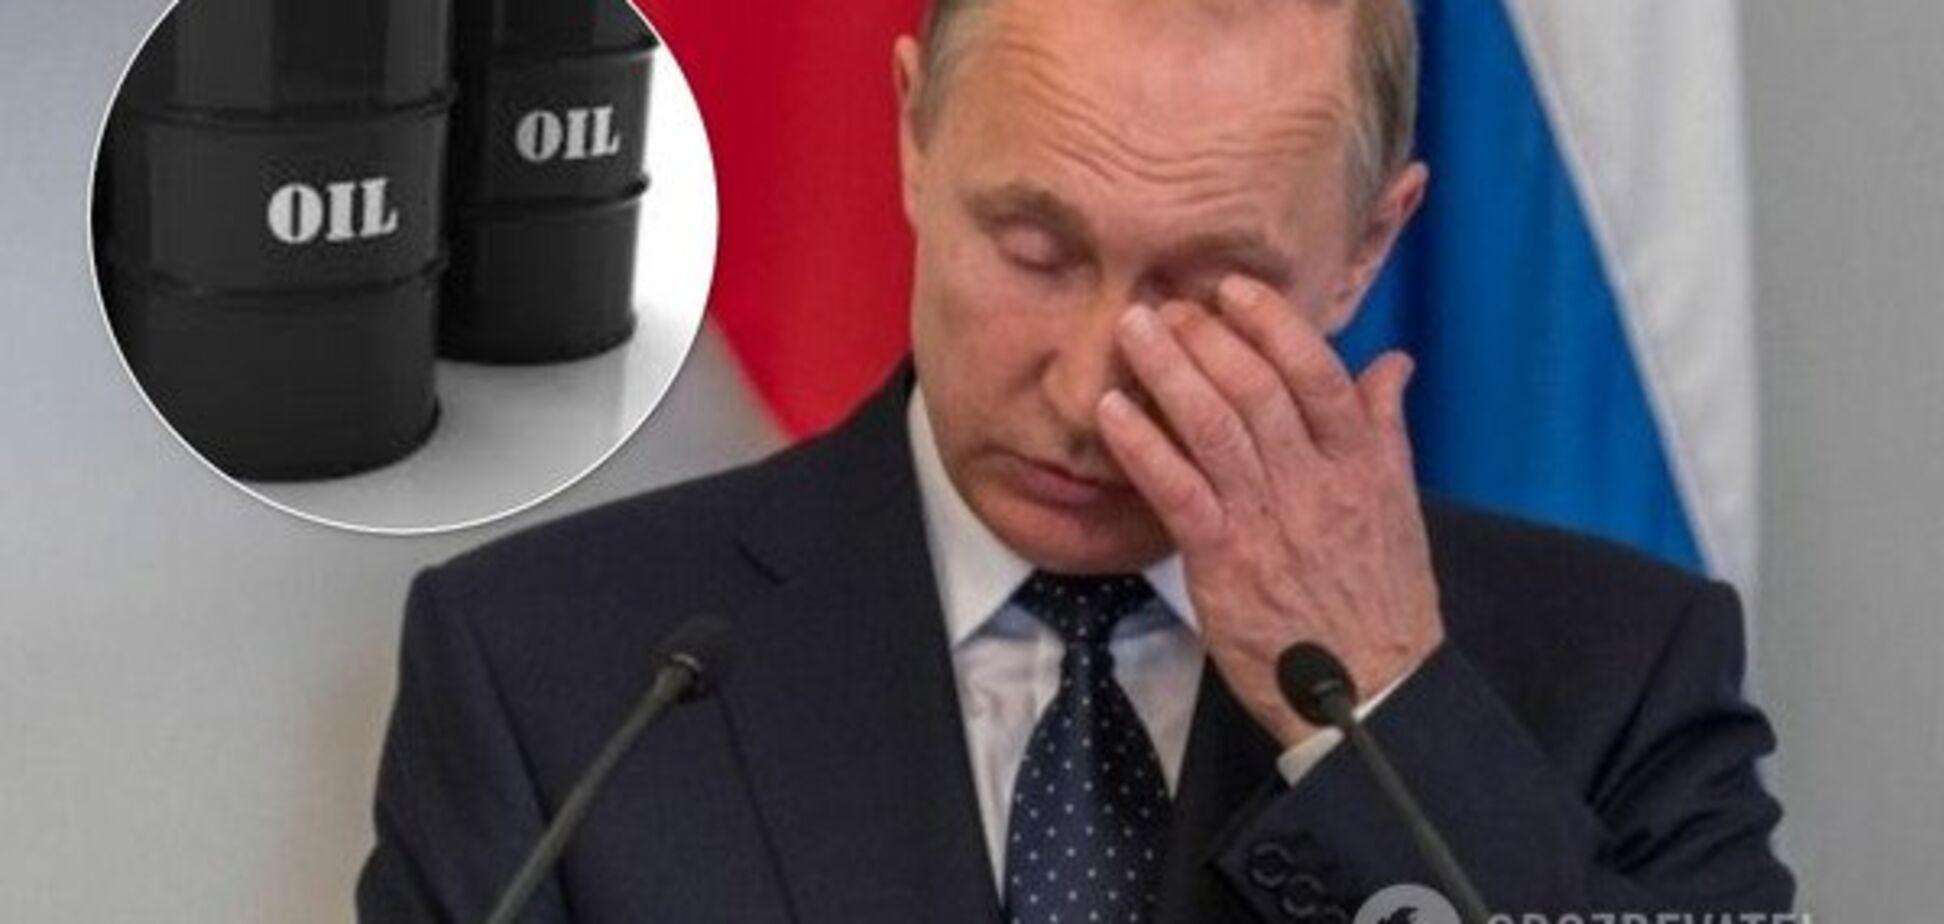 Путина заставили извиниться, а Россию вытеснят с мирового нефтяного рынка